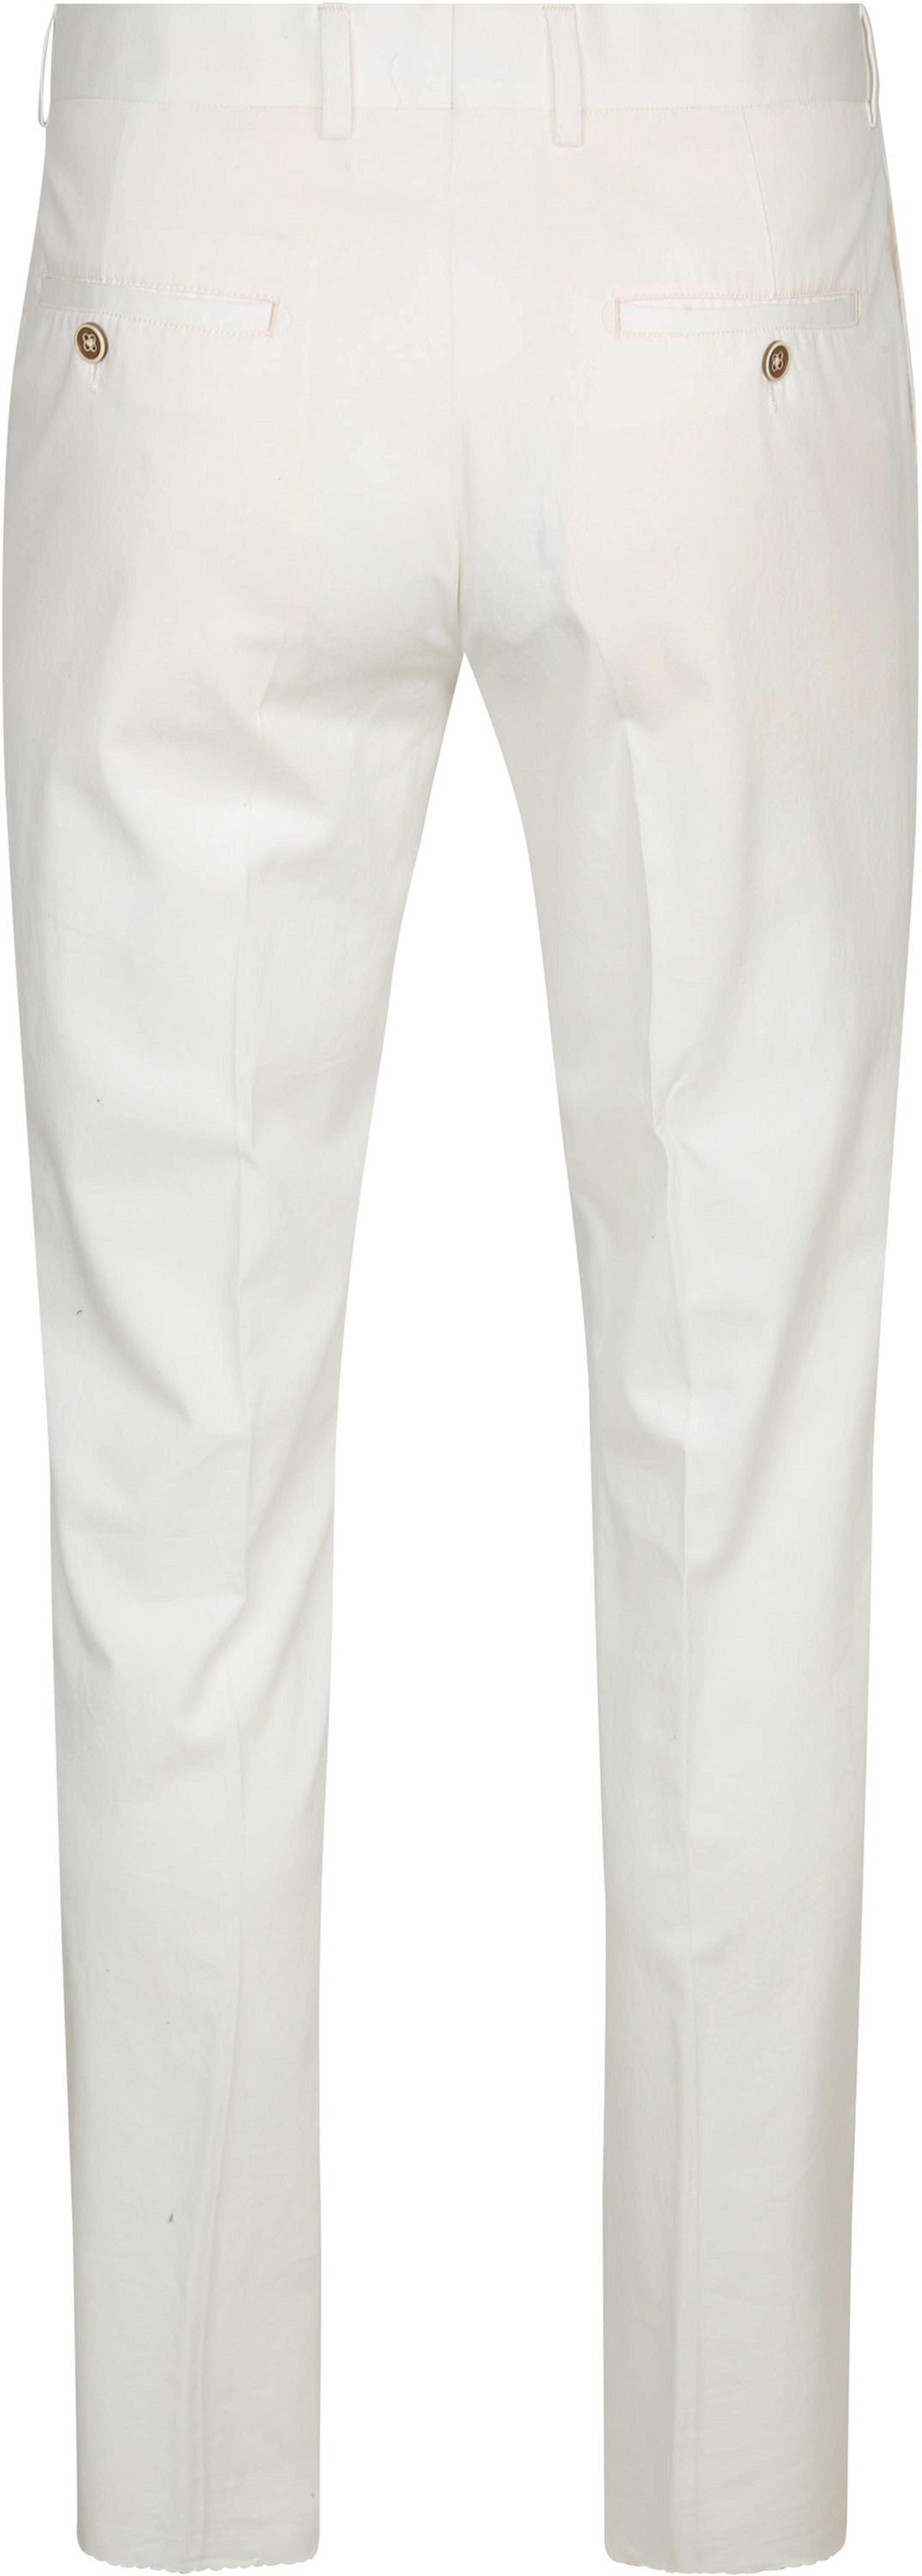 Suitable Pantalon Algodao Ecru